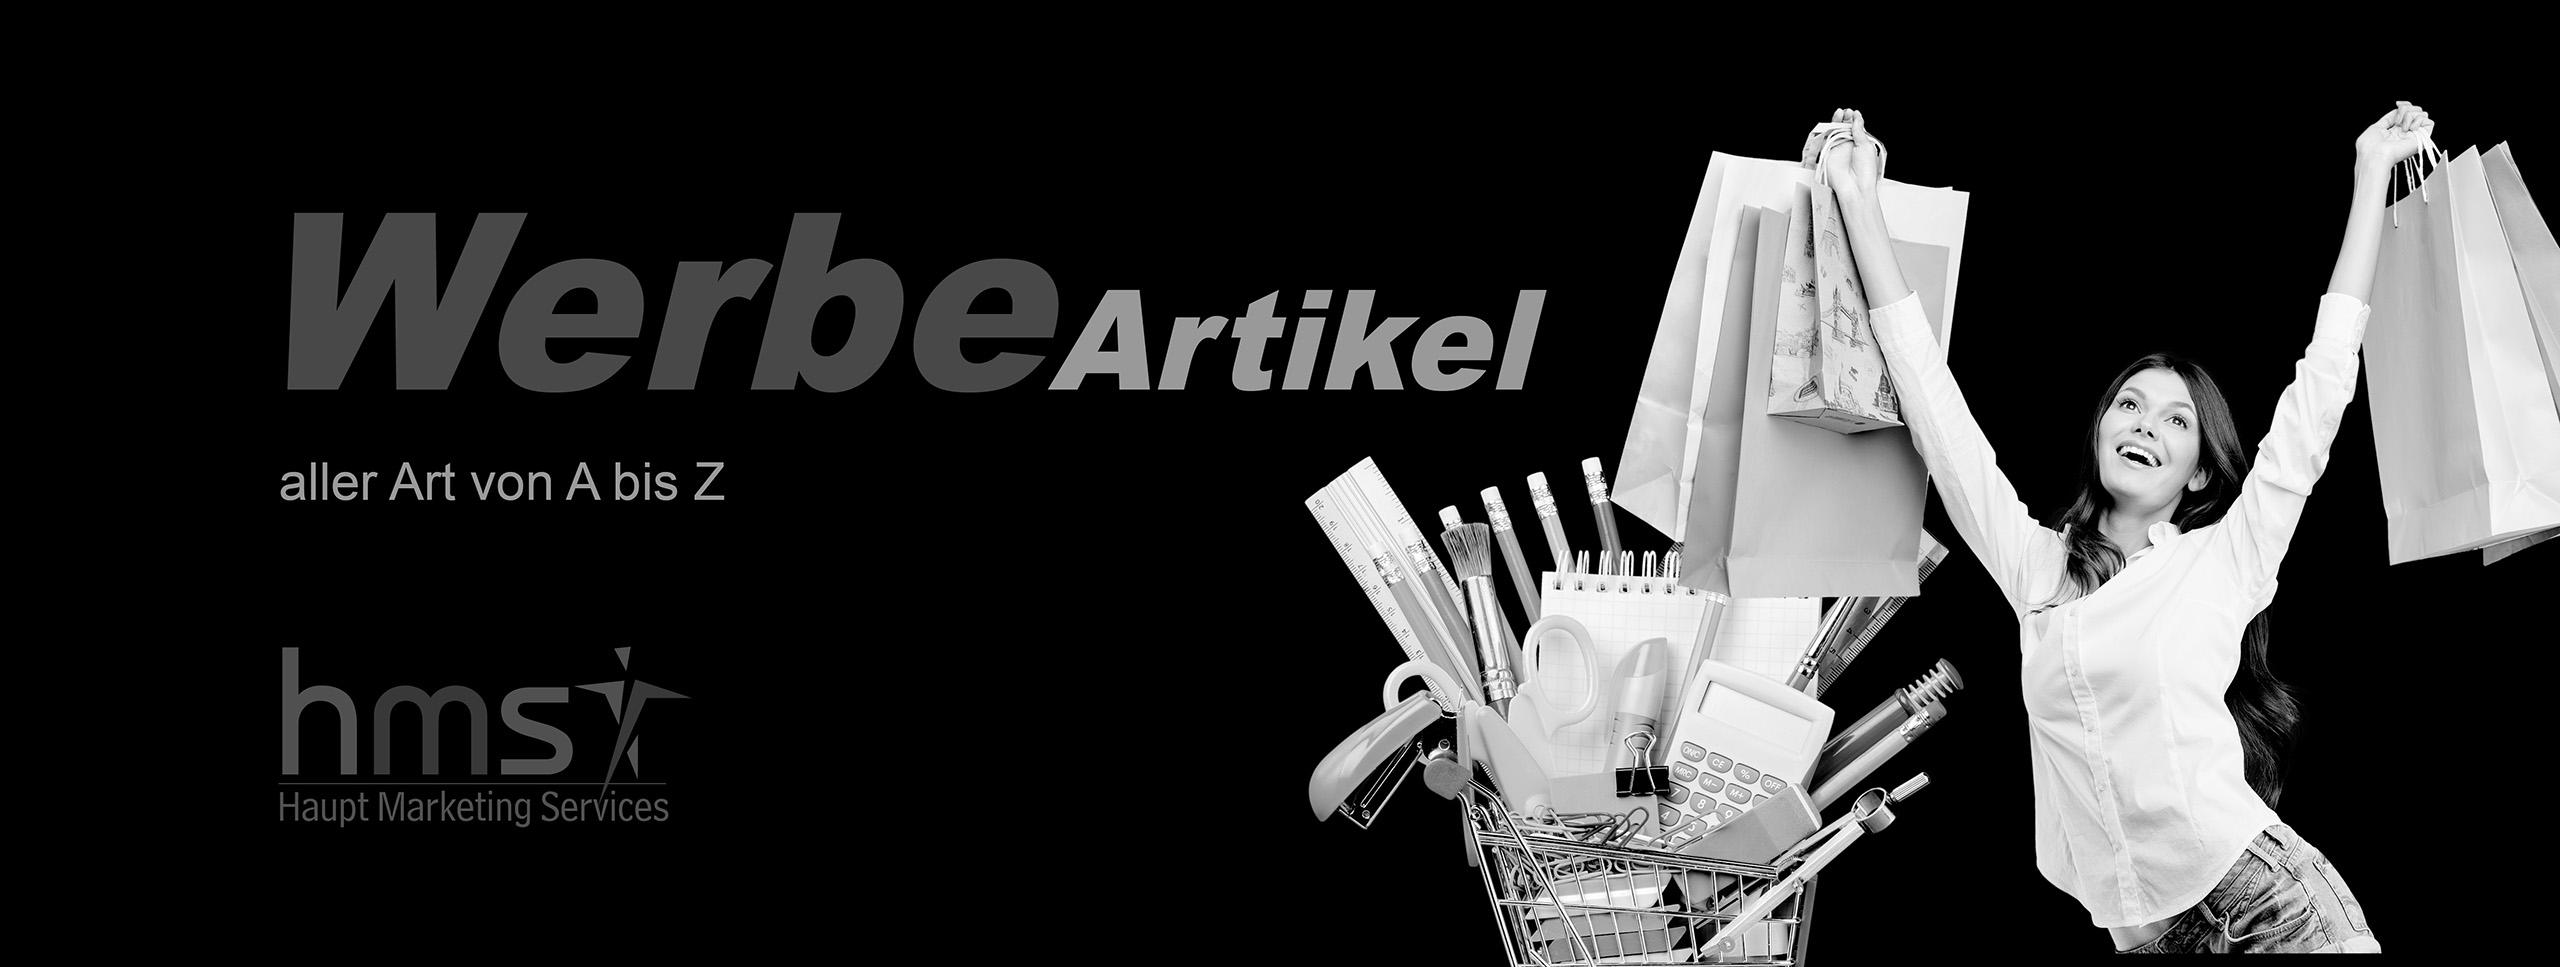 009_Web01_2017_Werbeartikel_sw